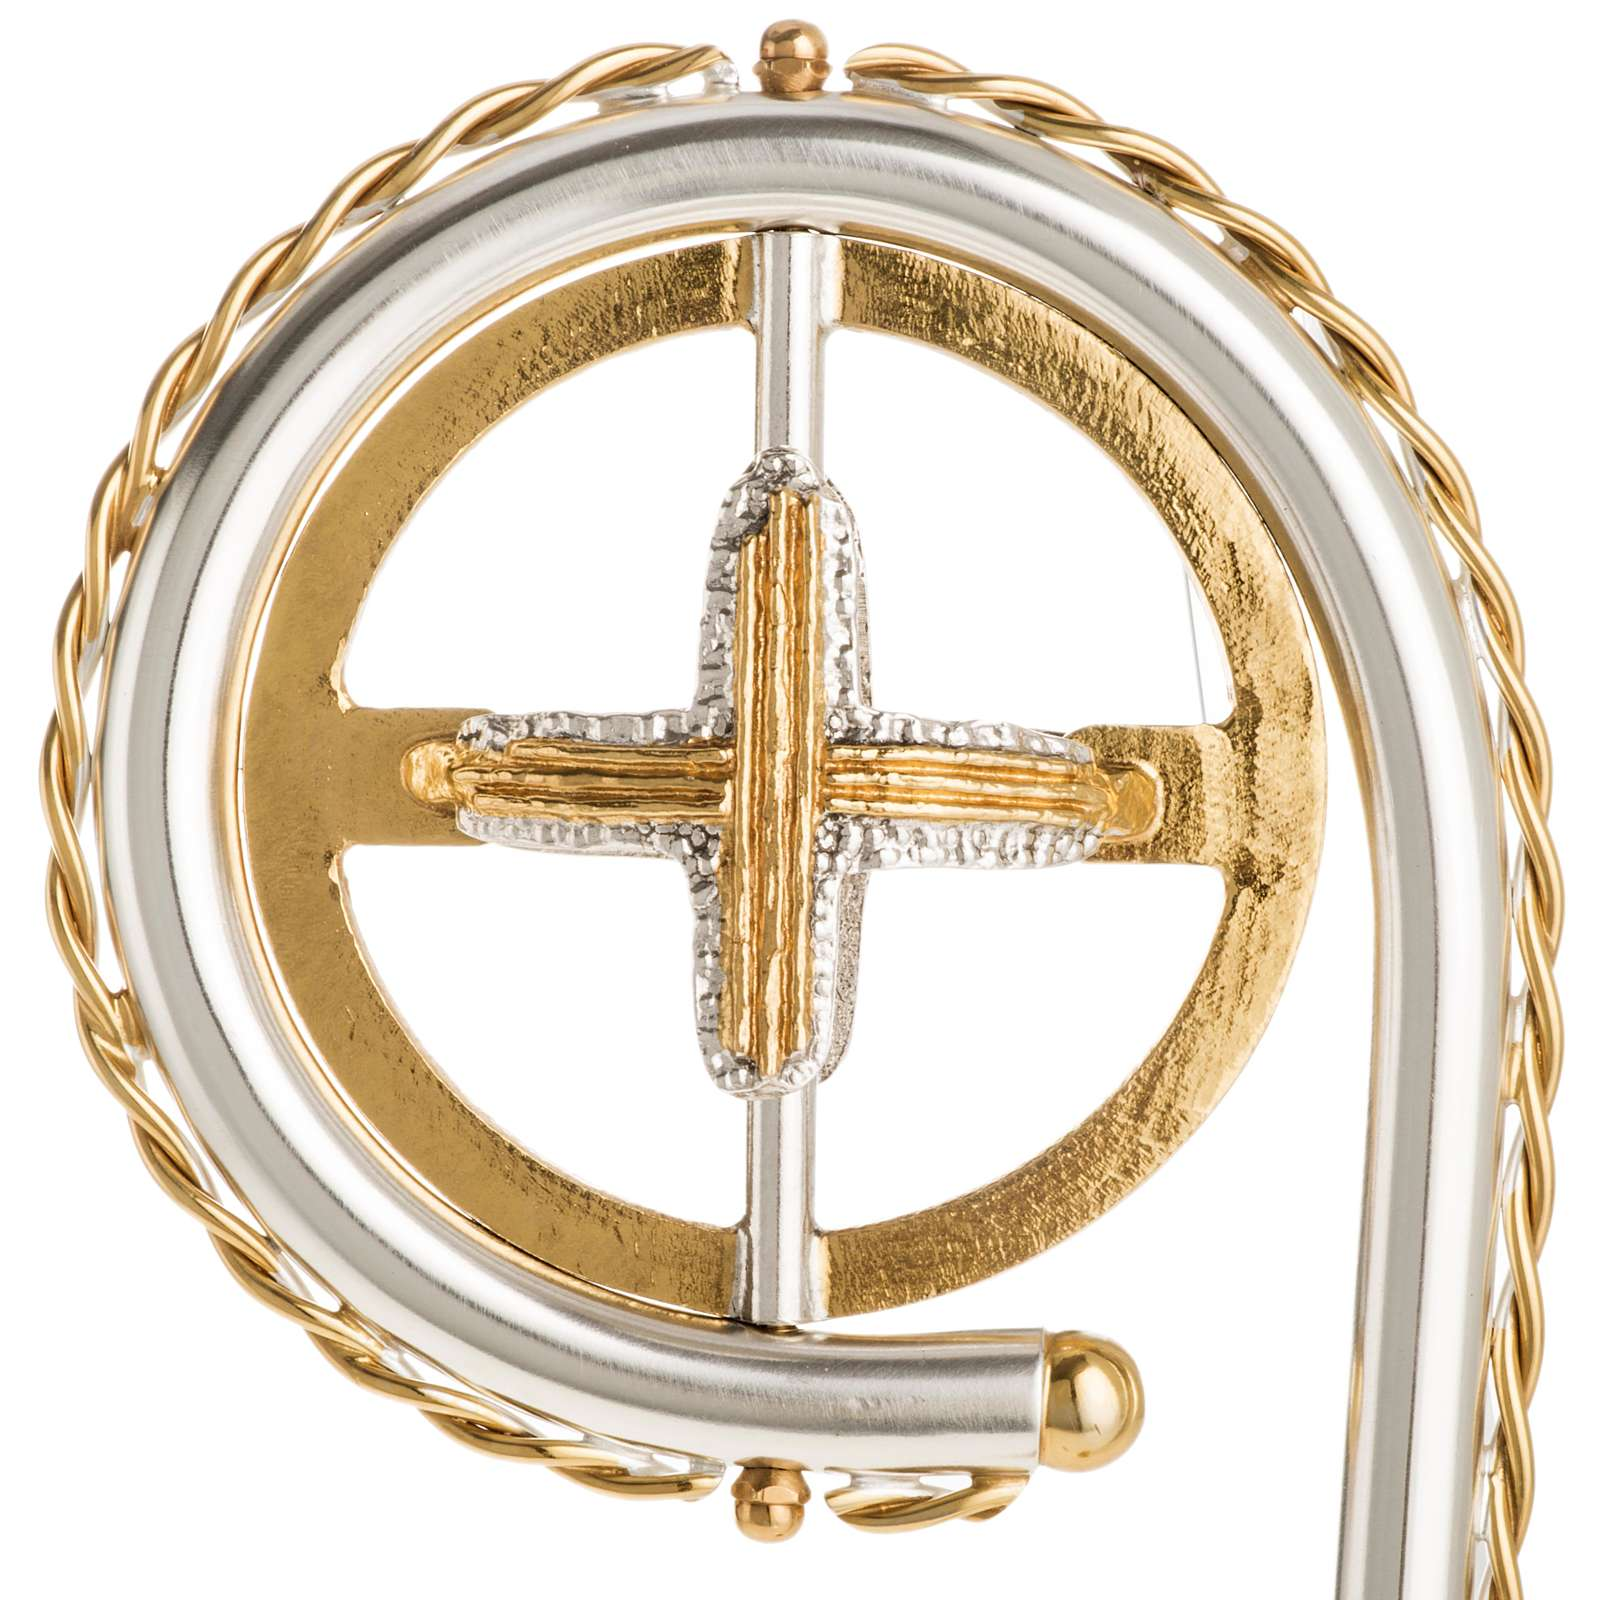 Crosse pastorale évangélistes 3